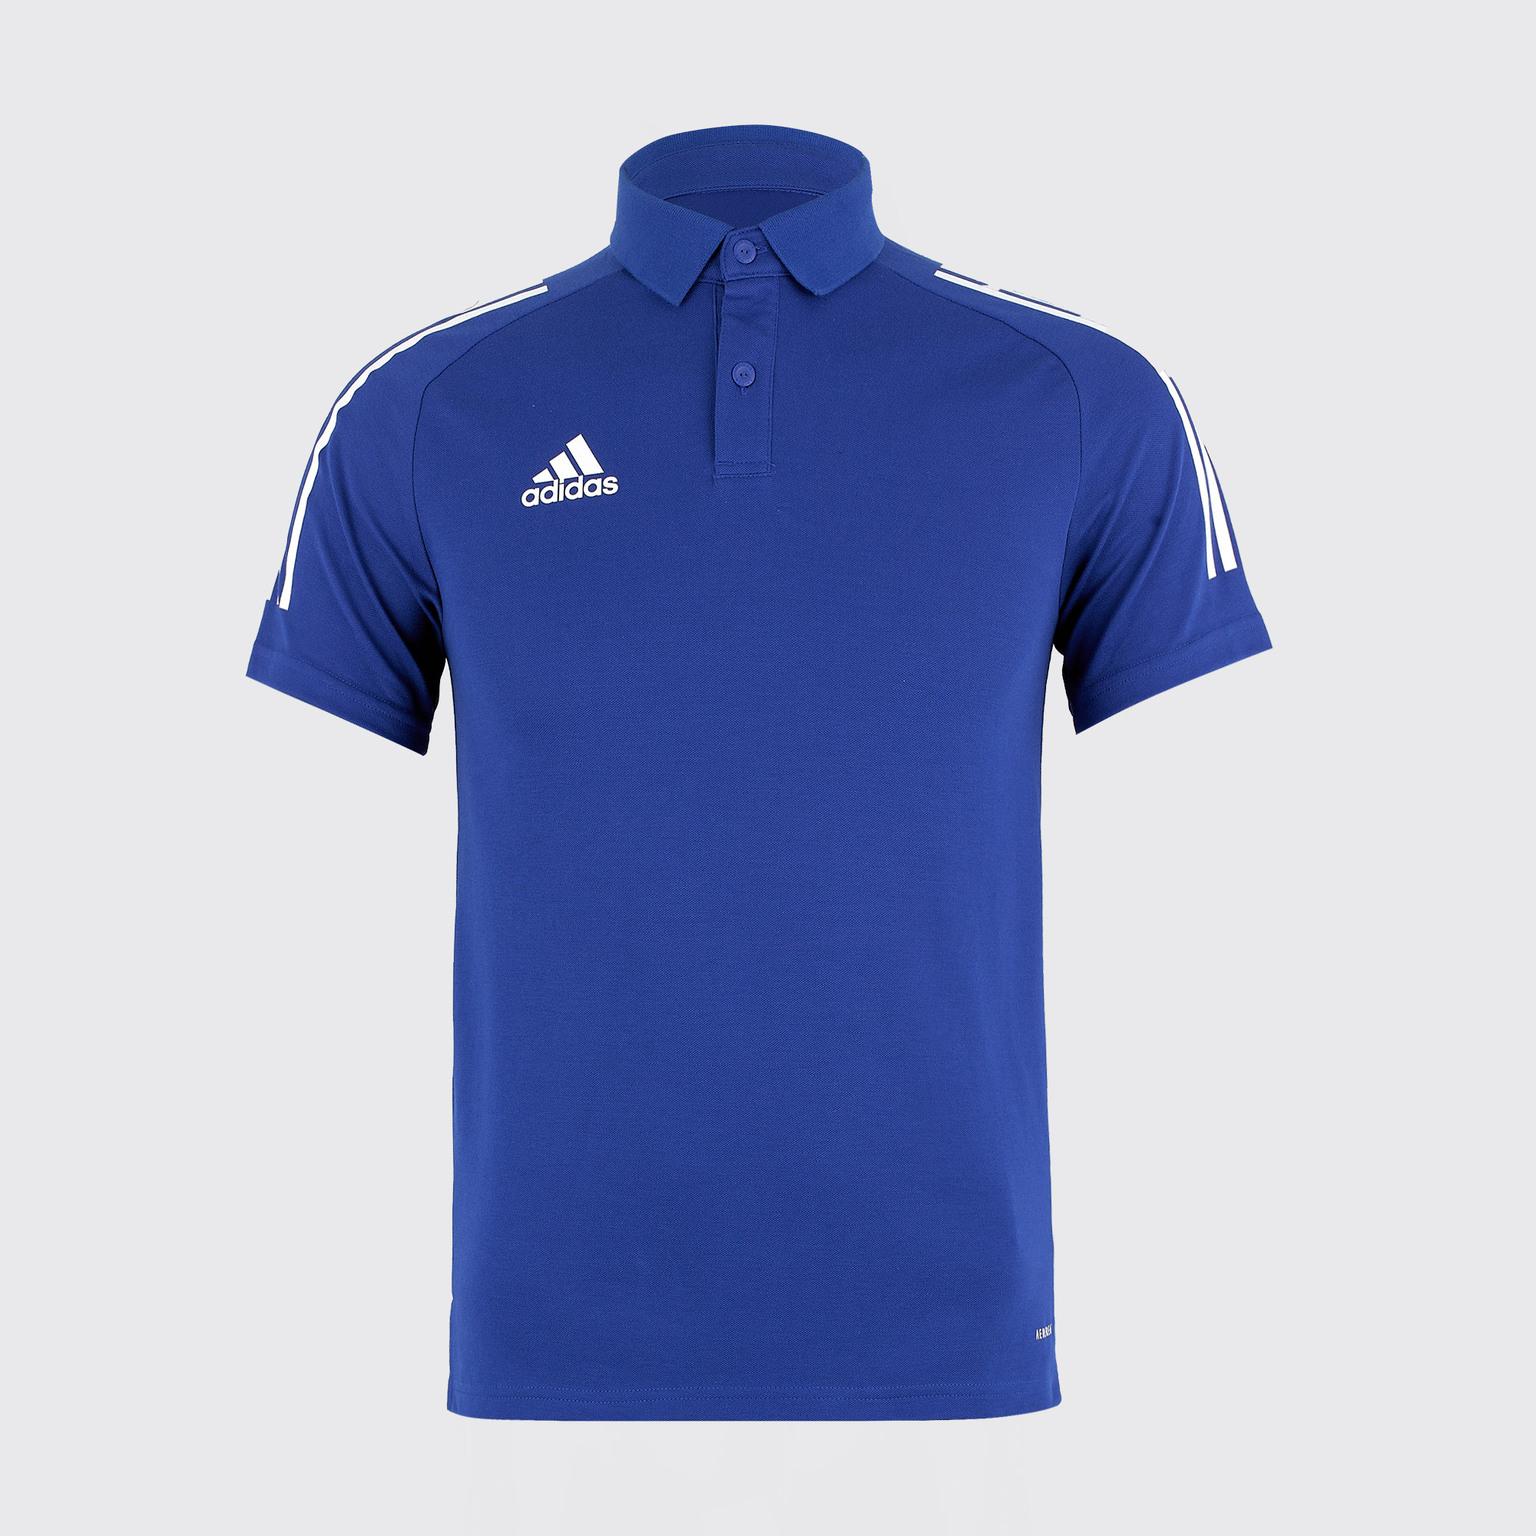 Поло Adidas Con20 Polo ED9237 поло adidas футболка поло pique polo shirt